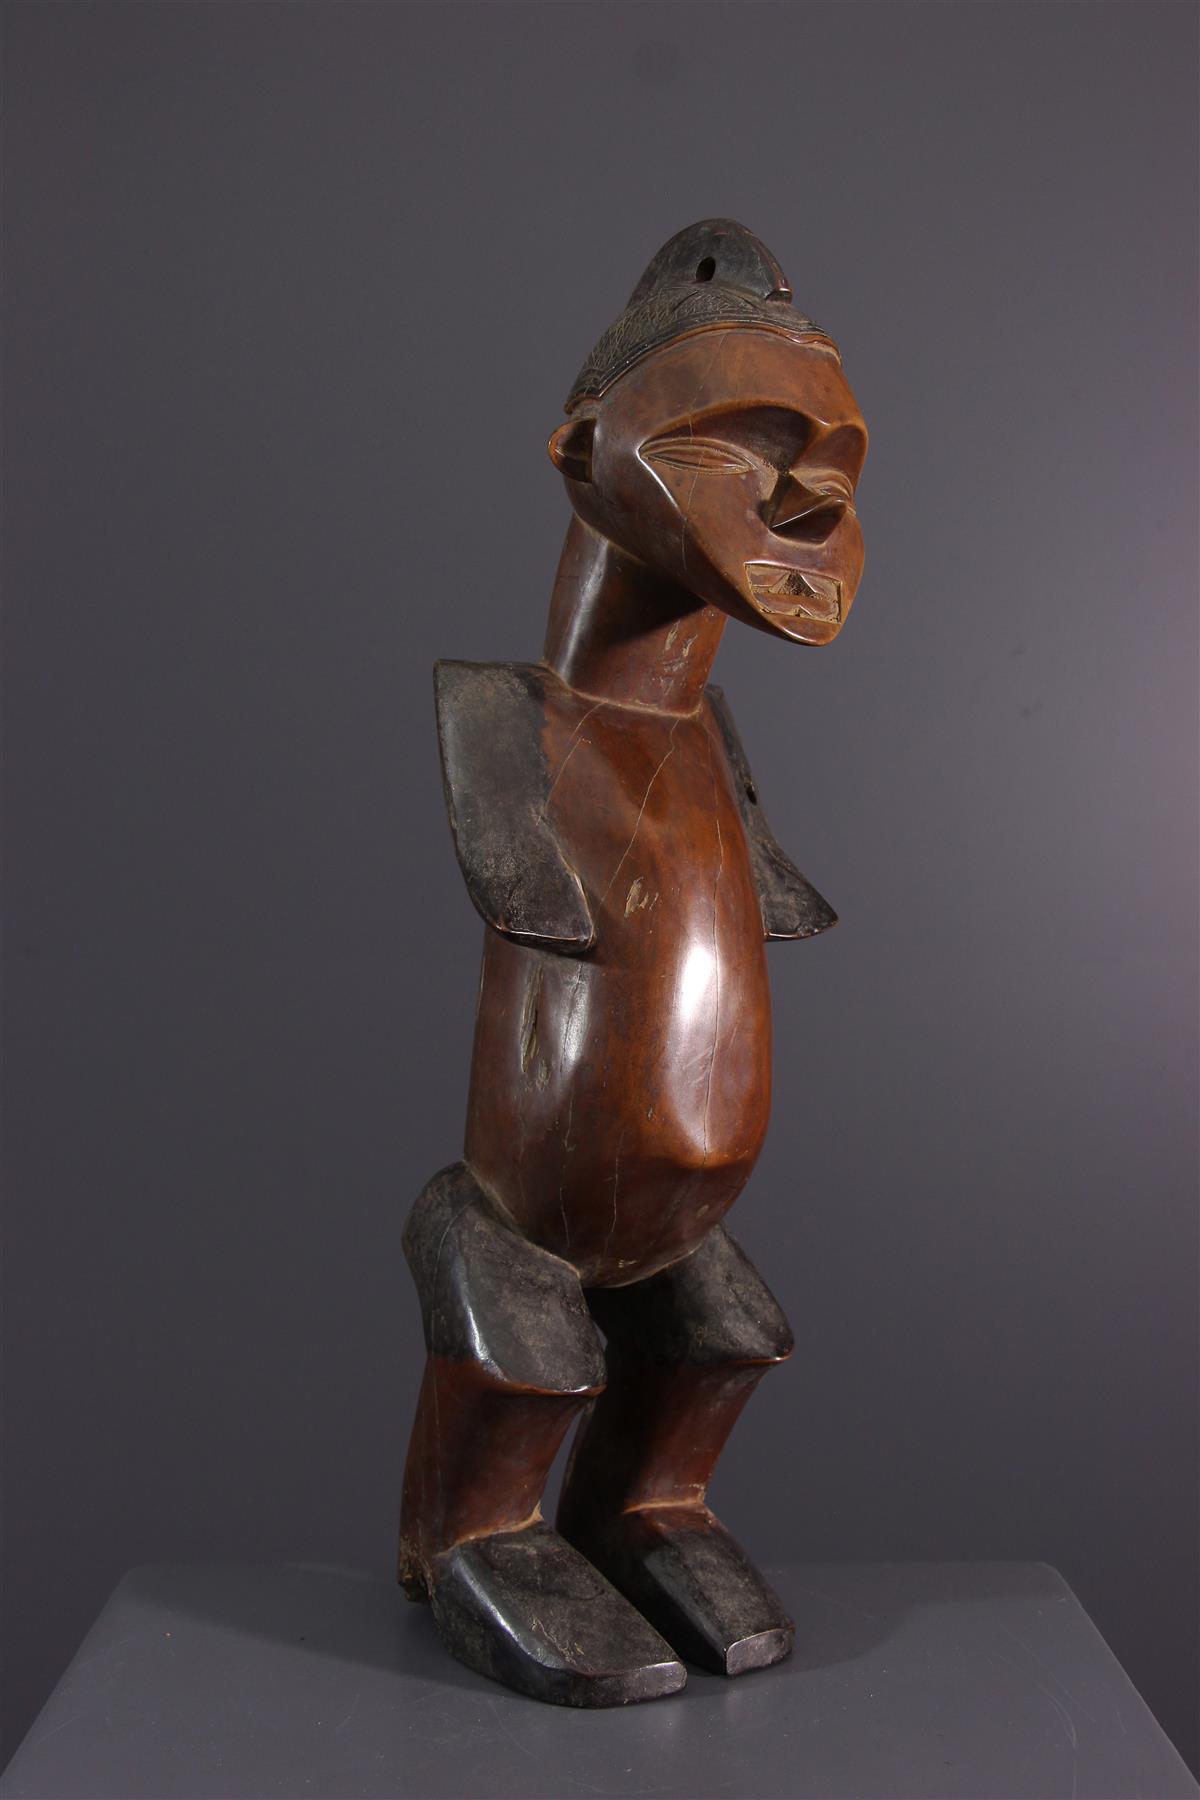 Suku statue - African art